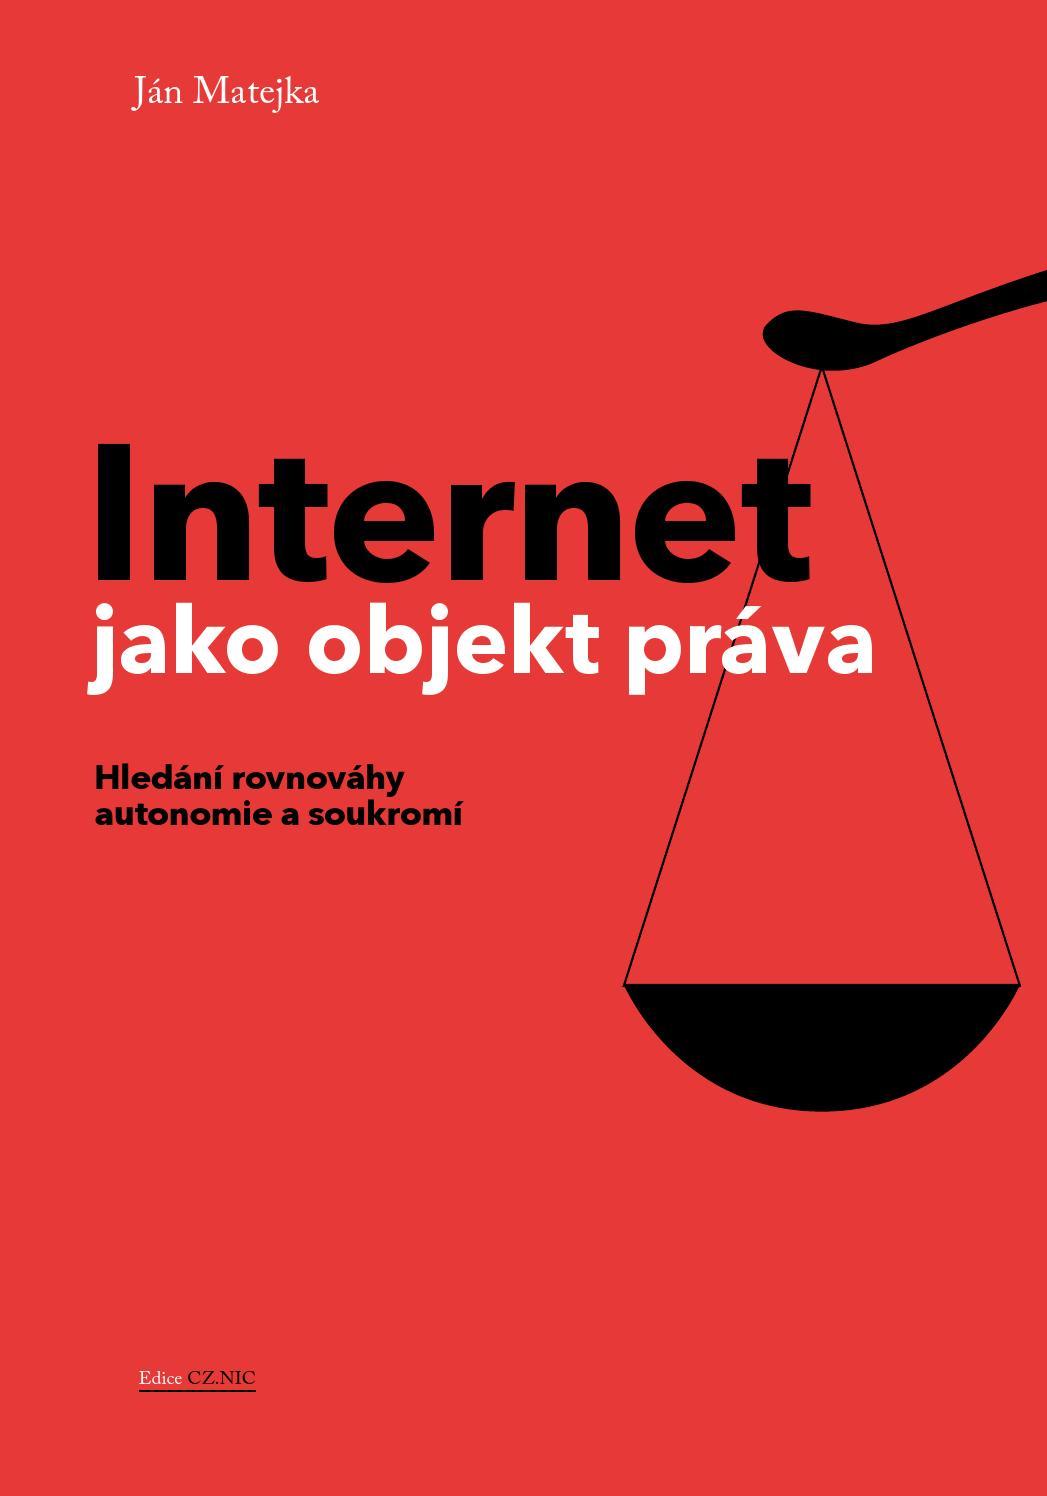 Internet jako objekt práva. Hledání rovnováhy autonomie a soukromí by  Flexibooks - issuu 00e6454ef9